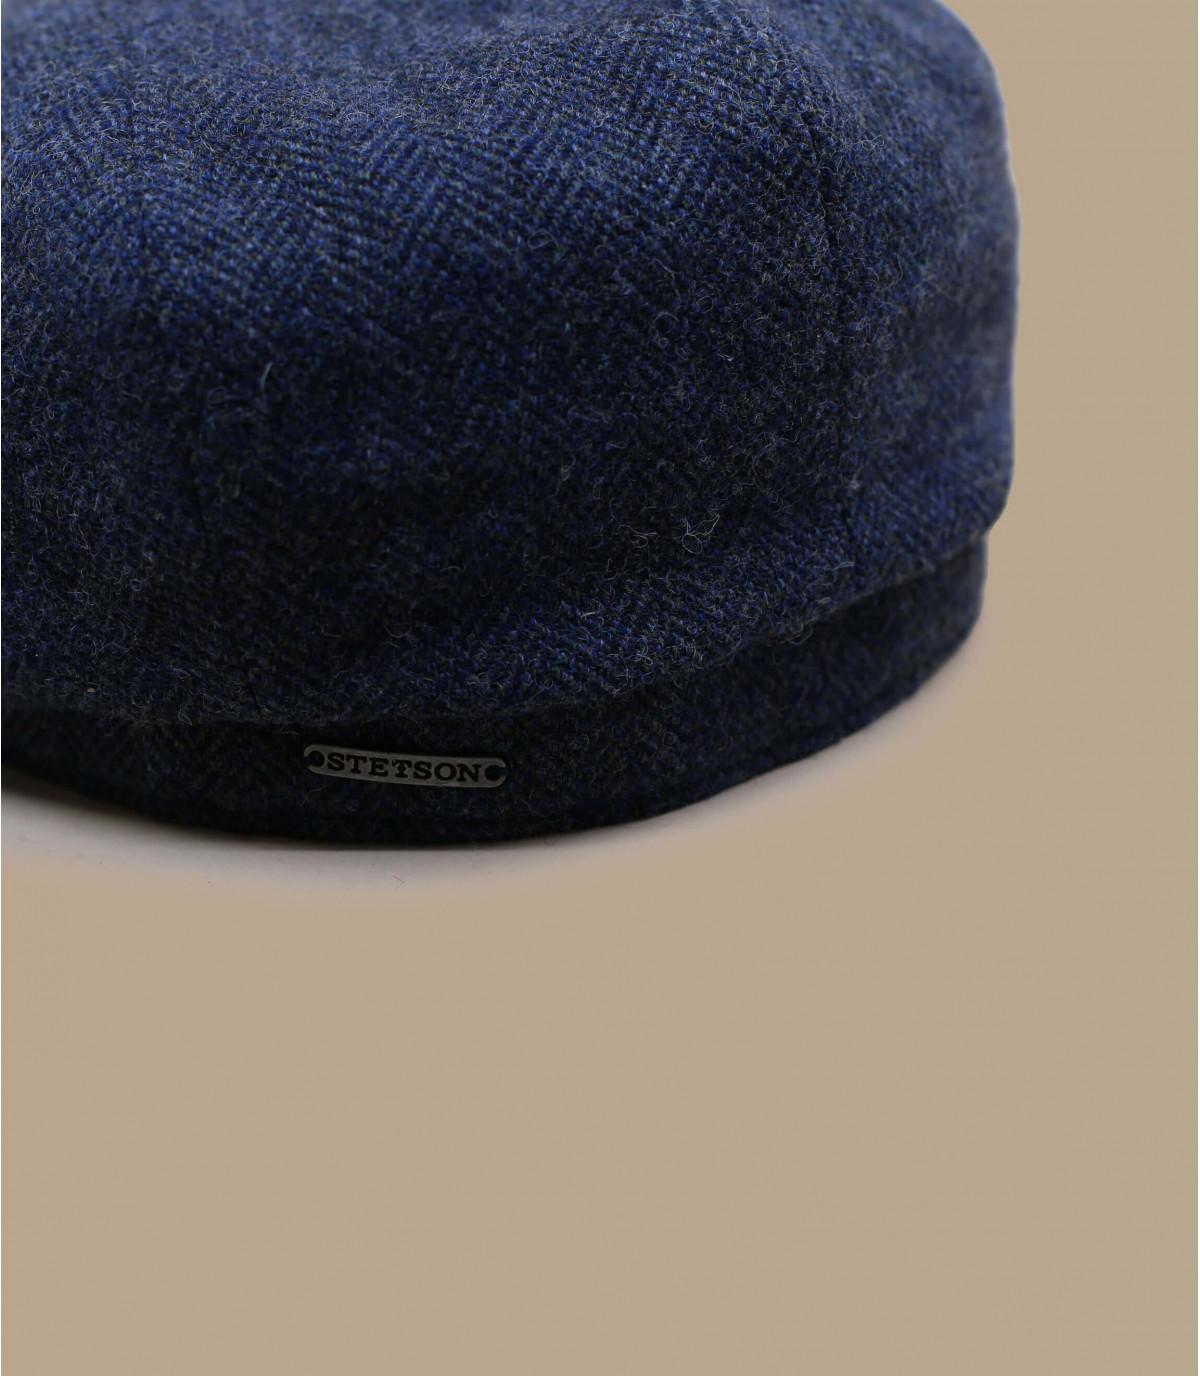 Details Hatteras Wool Herringbine blue - afbeeling 2